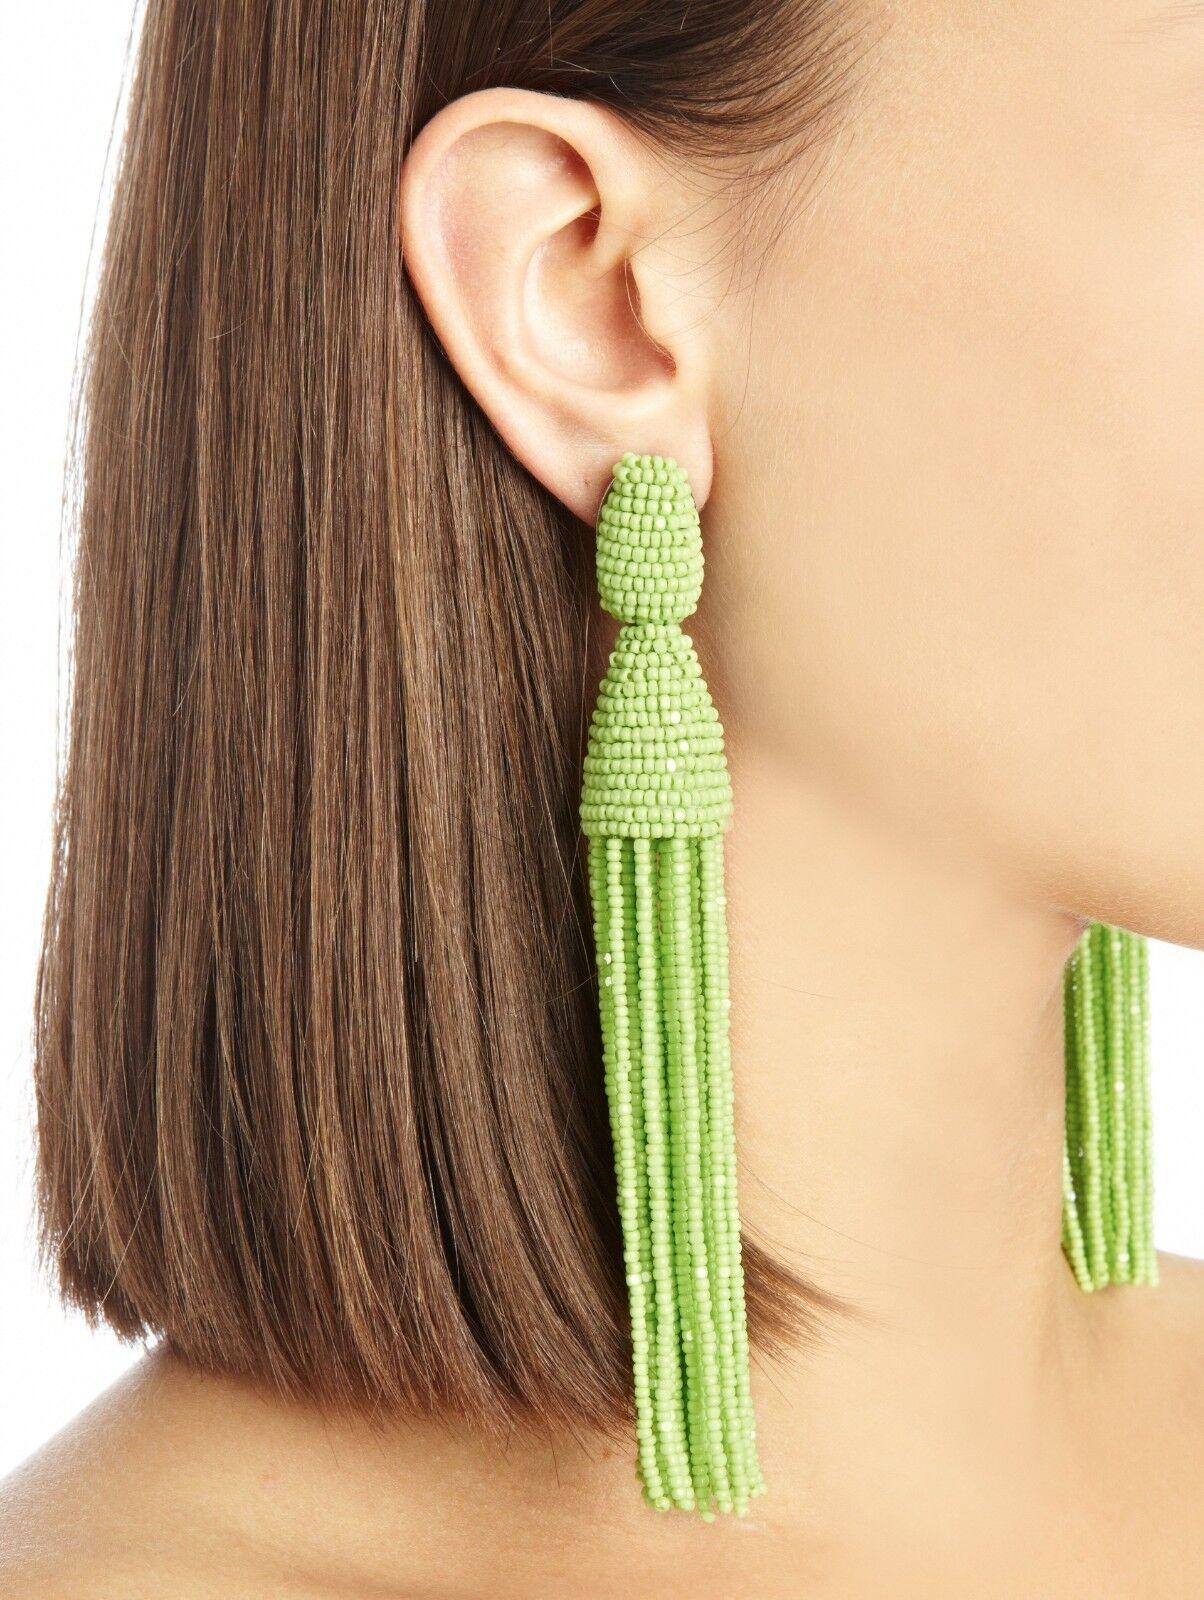 395 NEW Oscar de la Renta LONG BEADED TASSEL Earring Clip On Lime Lt Green